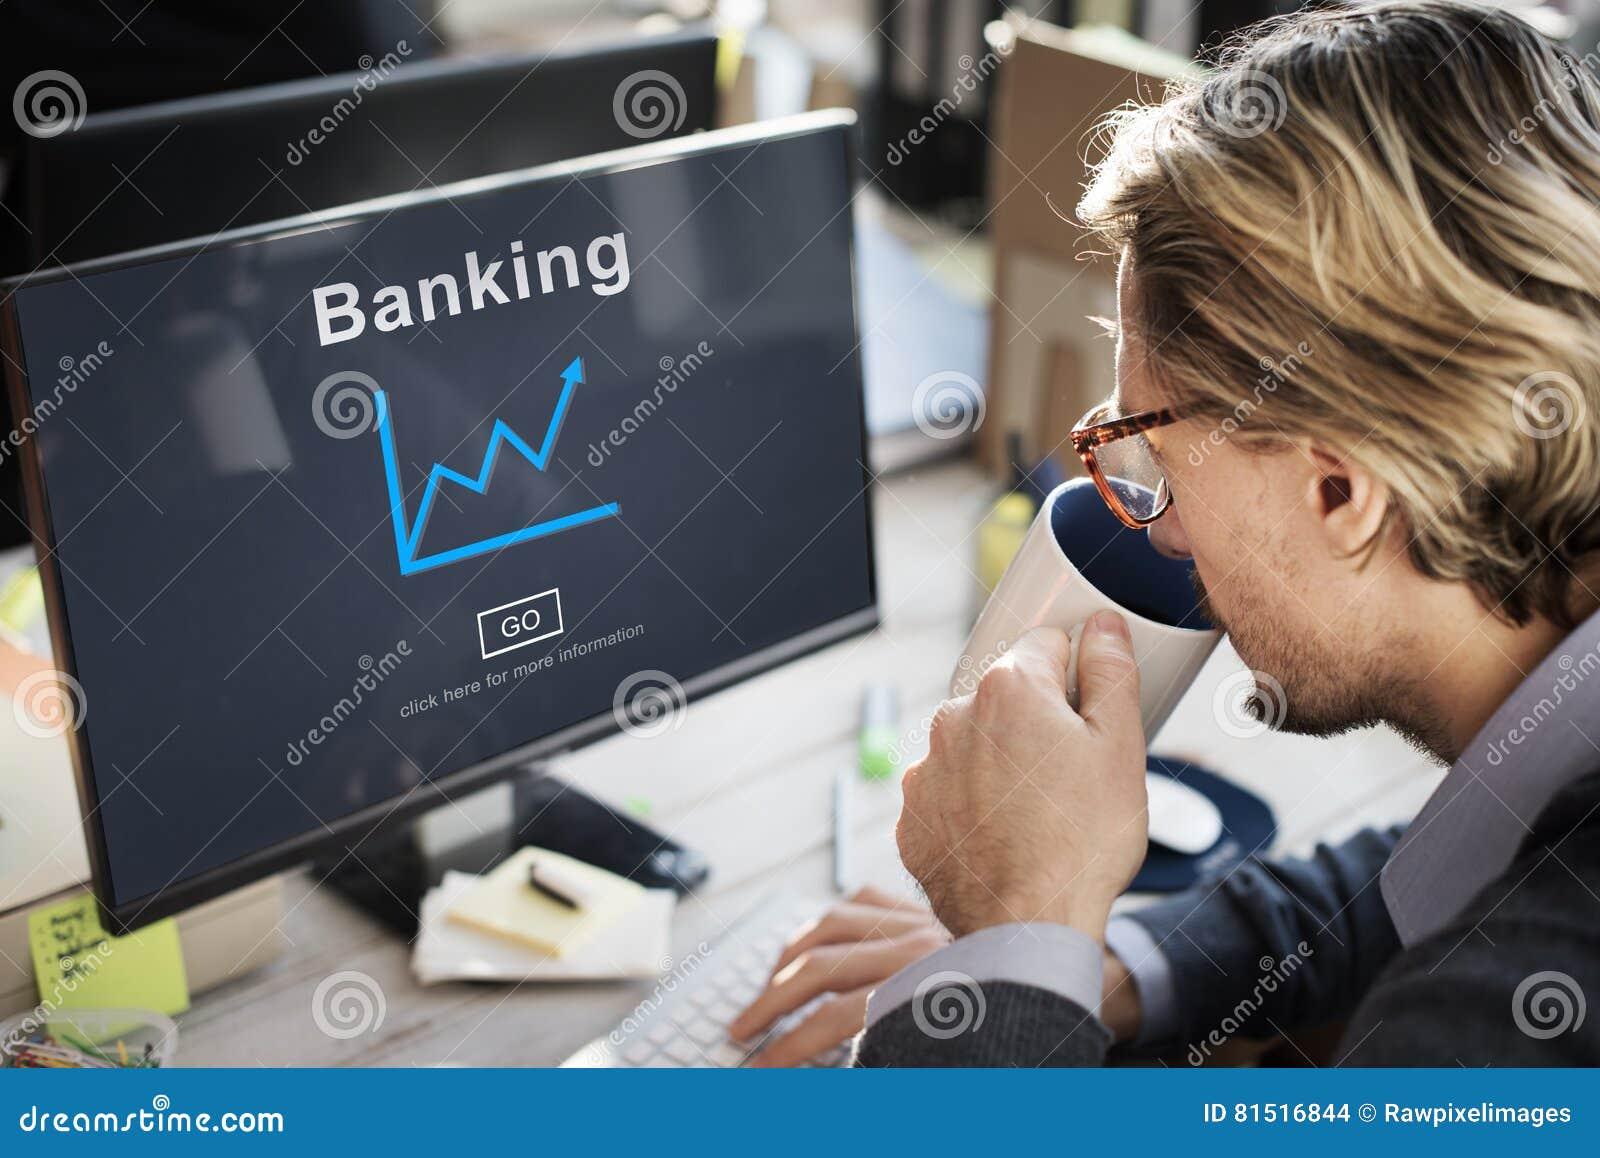 Conceito de Banking Growth Graphics do homem de negócios